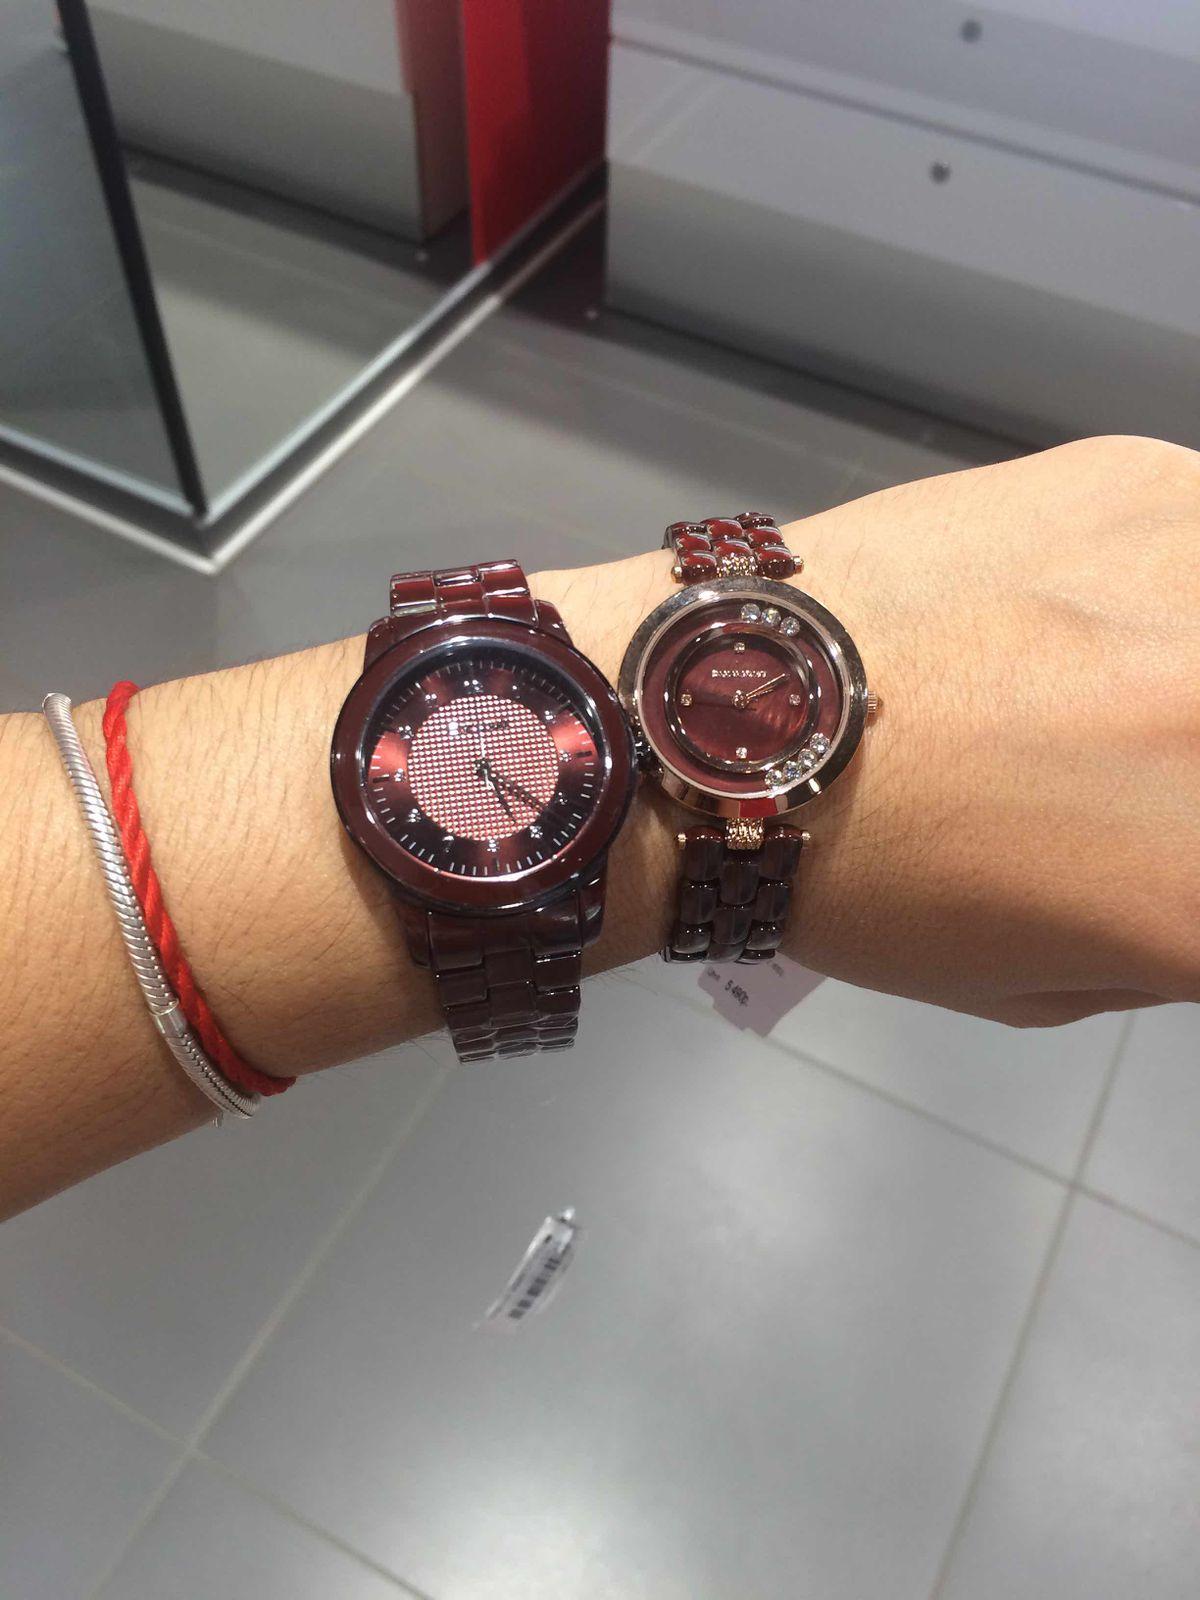 Влюбилась в эти часы сразу